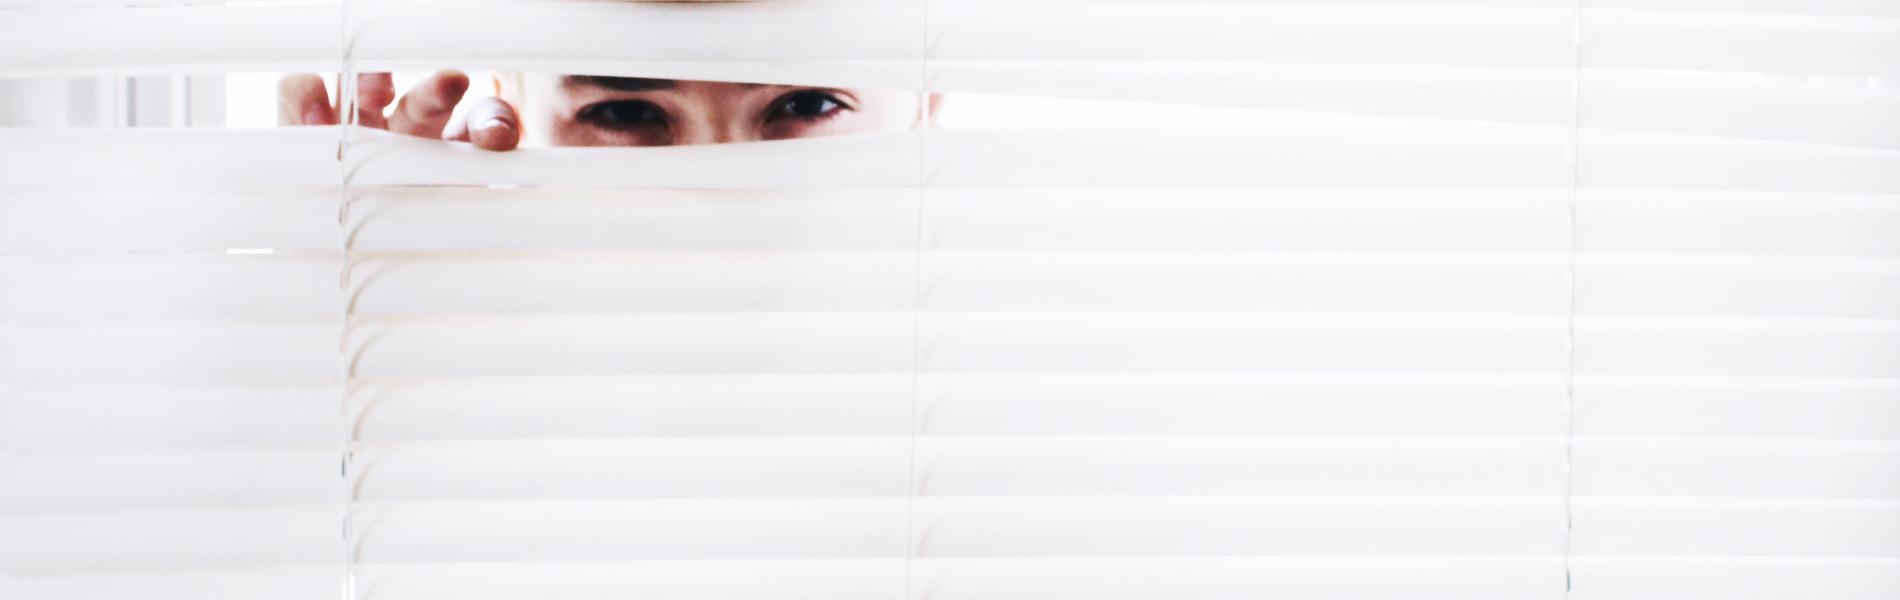 Ochrona informacji i prywatności